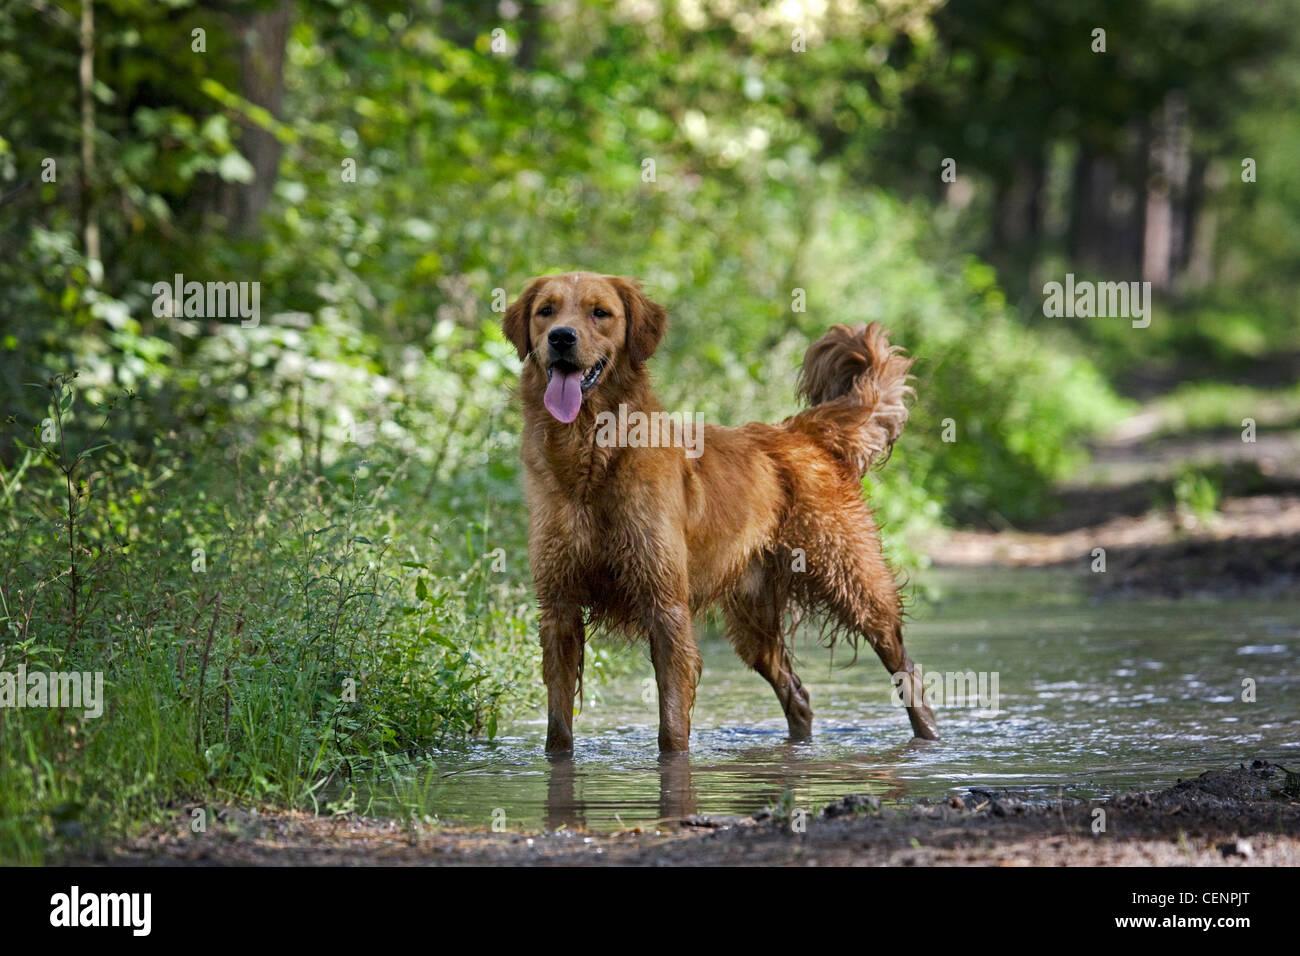 Golden retriever perro con pelaje húmedo de pie en el charco lodoso pista forestal, Bélgica Imagen De Stock